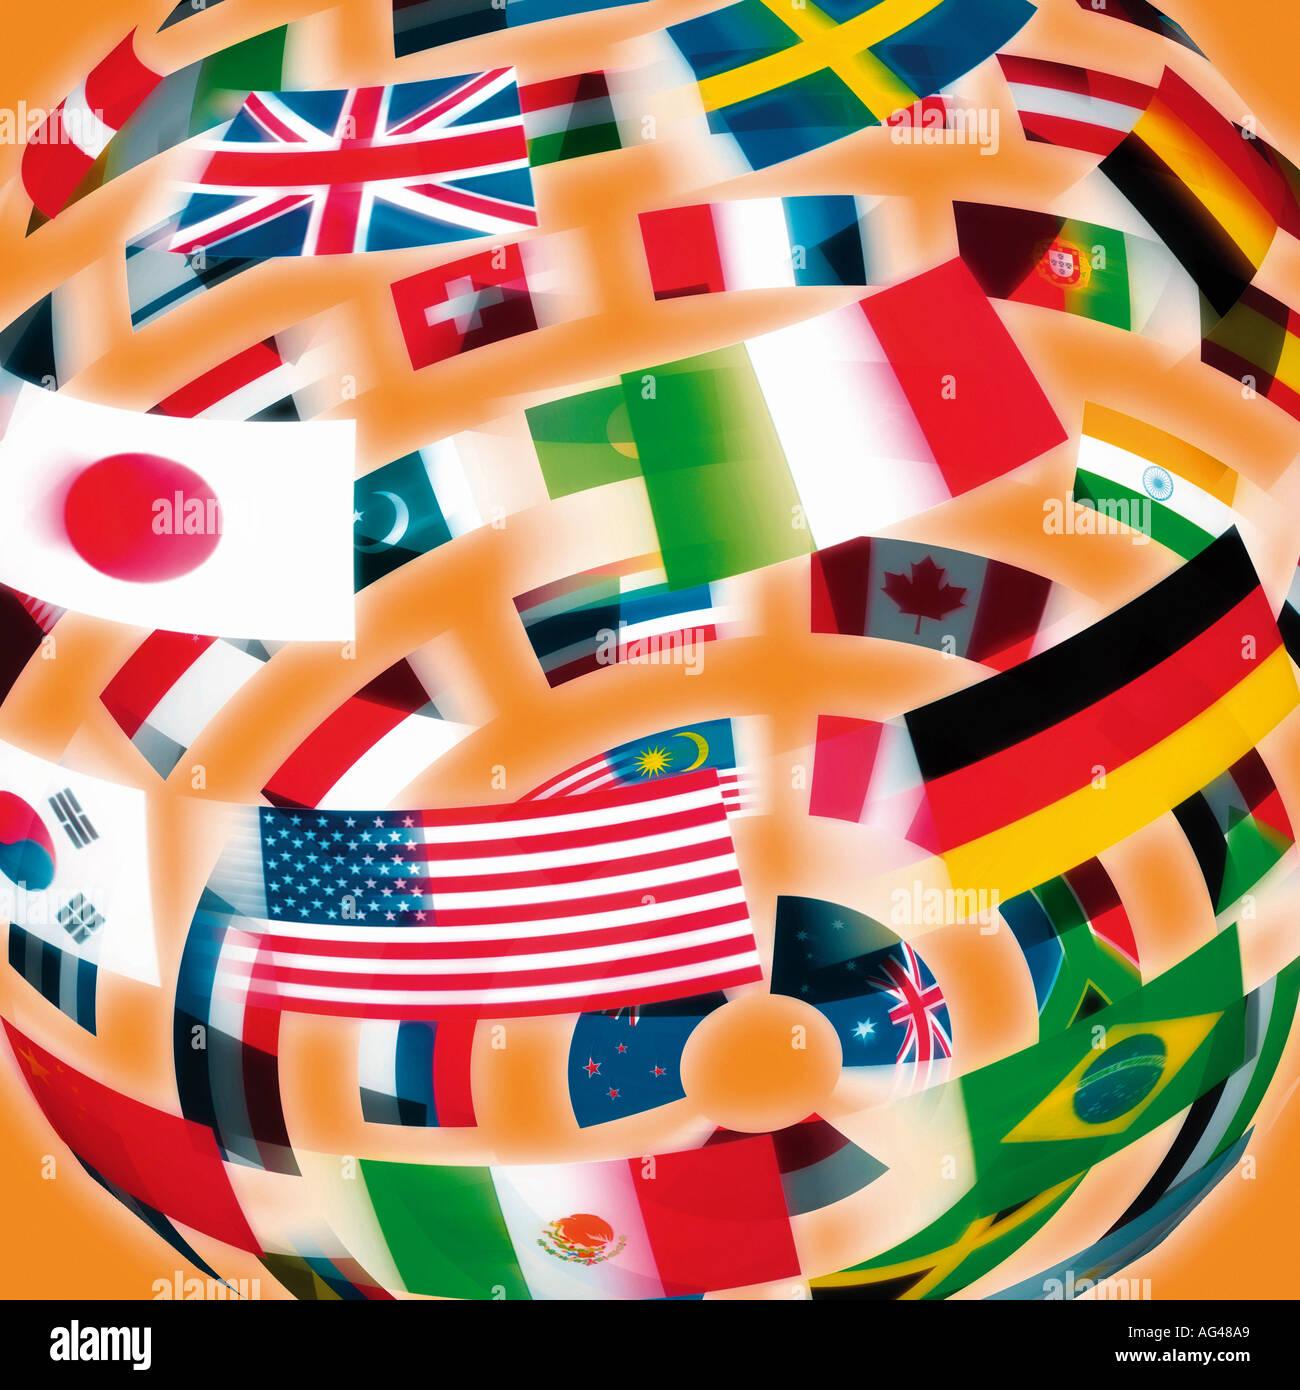 Banderas internacionales en la forma de un globo contra un fondo de color naranja. Indicador mundial. Imagen De Stock